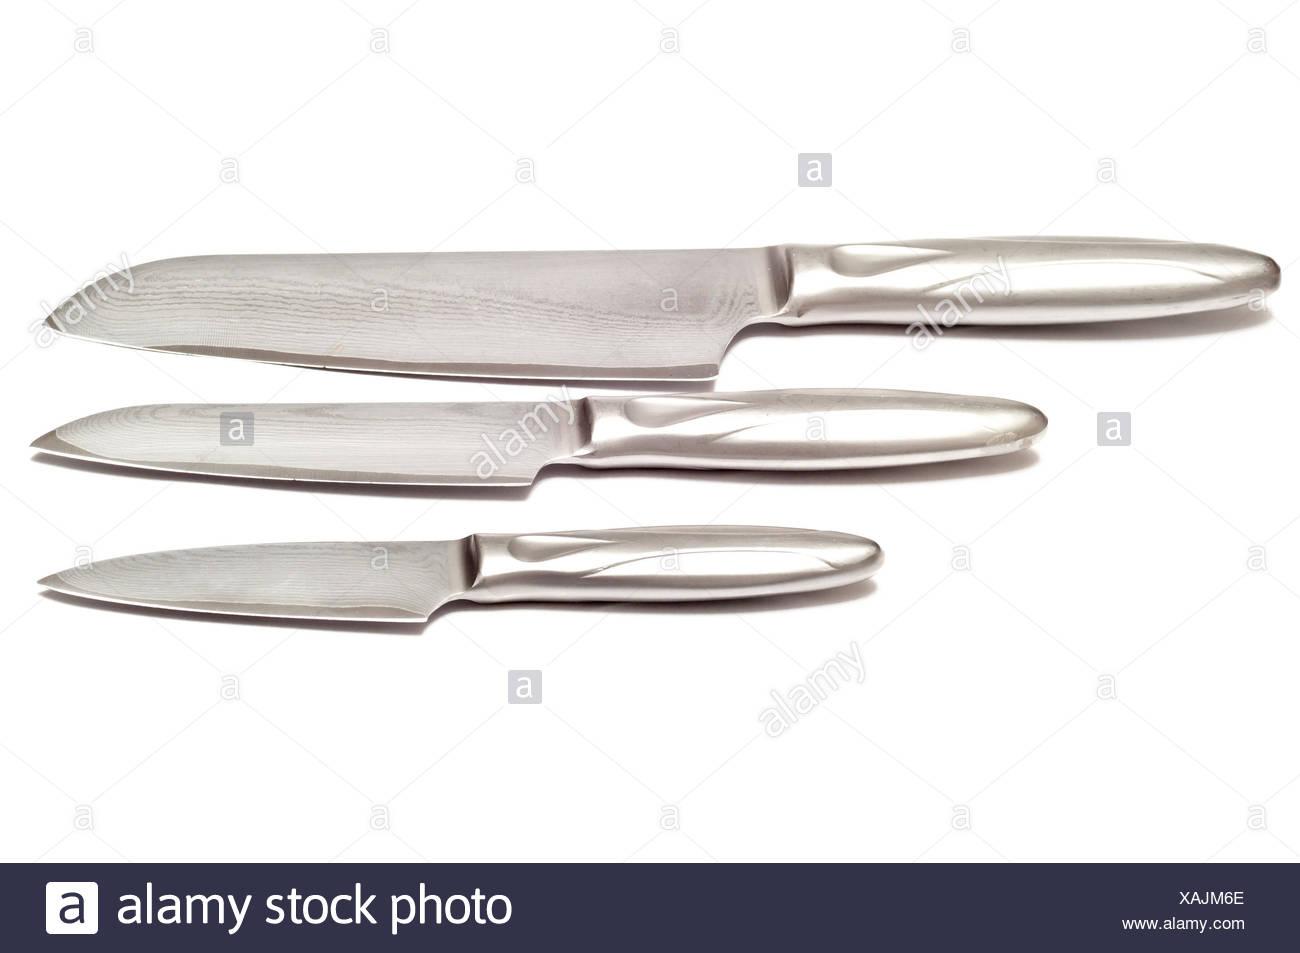 Kuche Kuche Klinge Arm Waffe Messer Messer Werkzeug Hochwertige